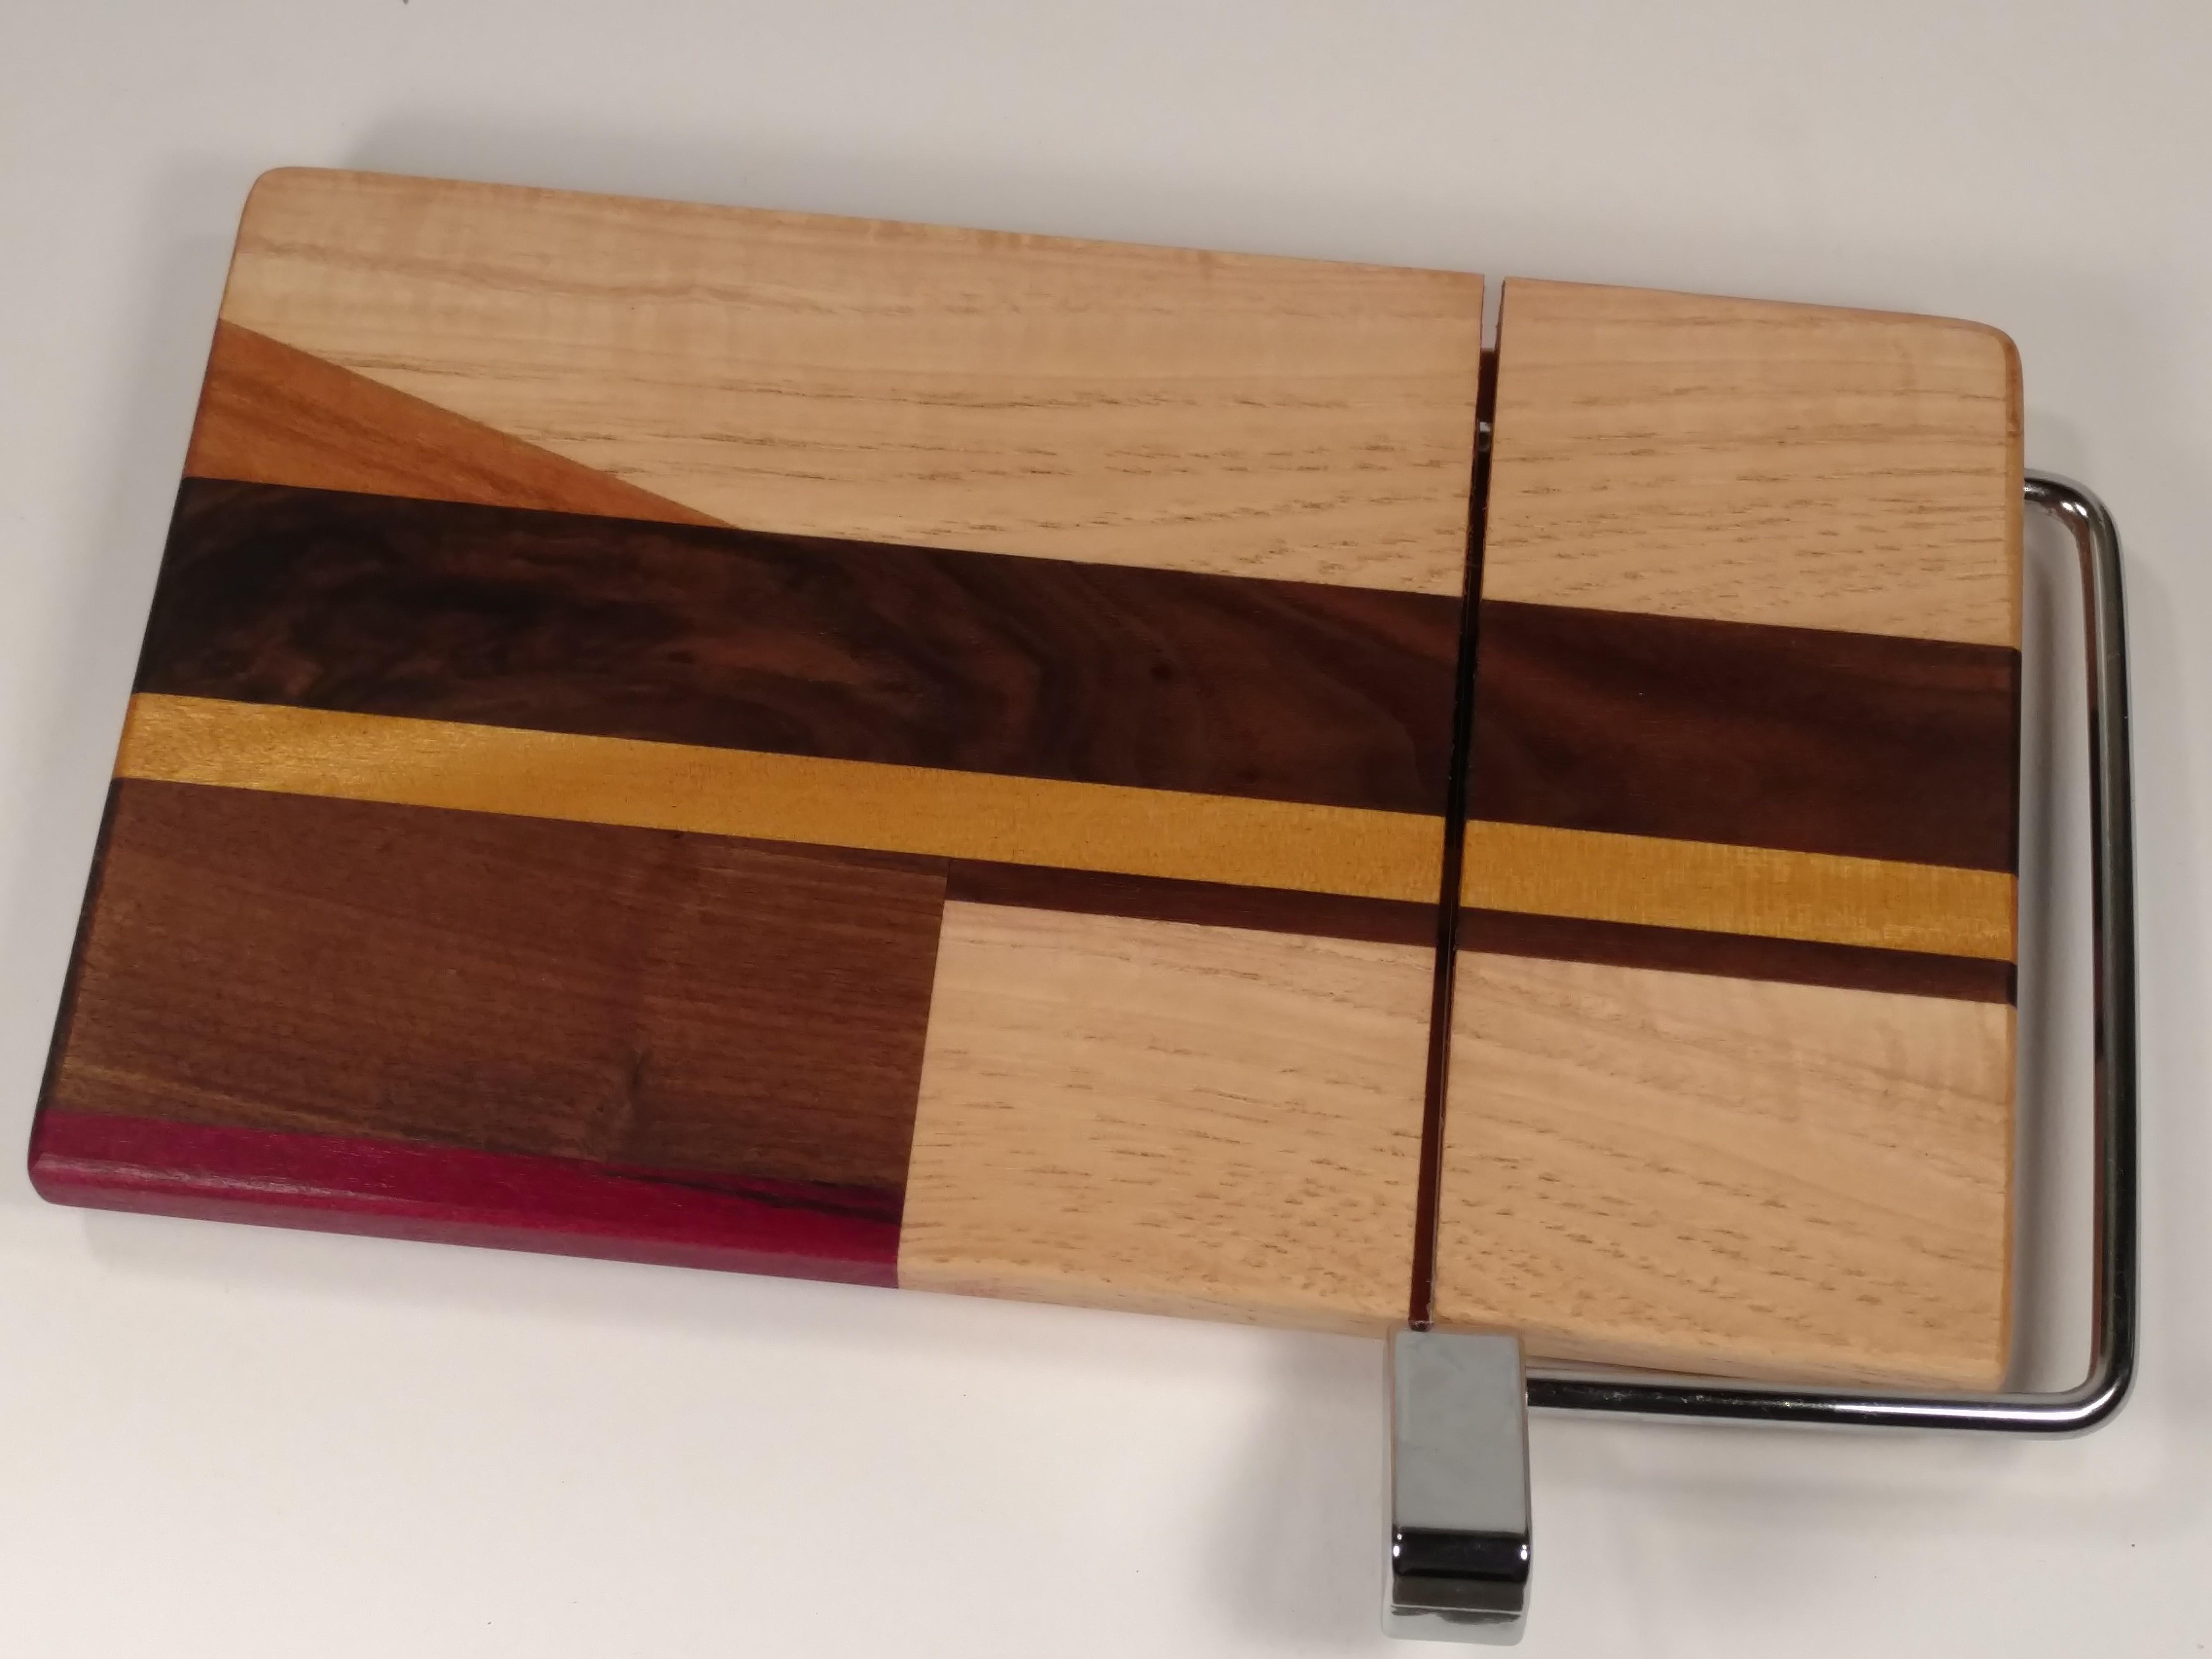 Board No. 596